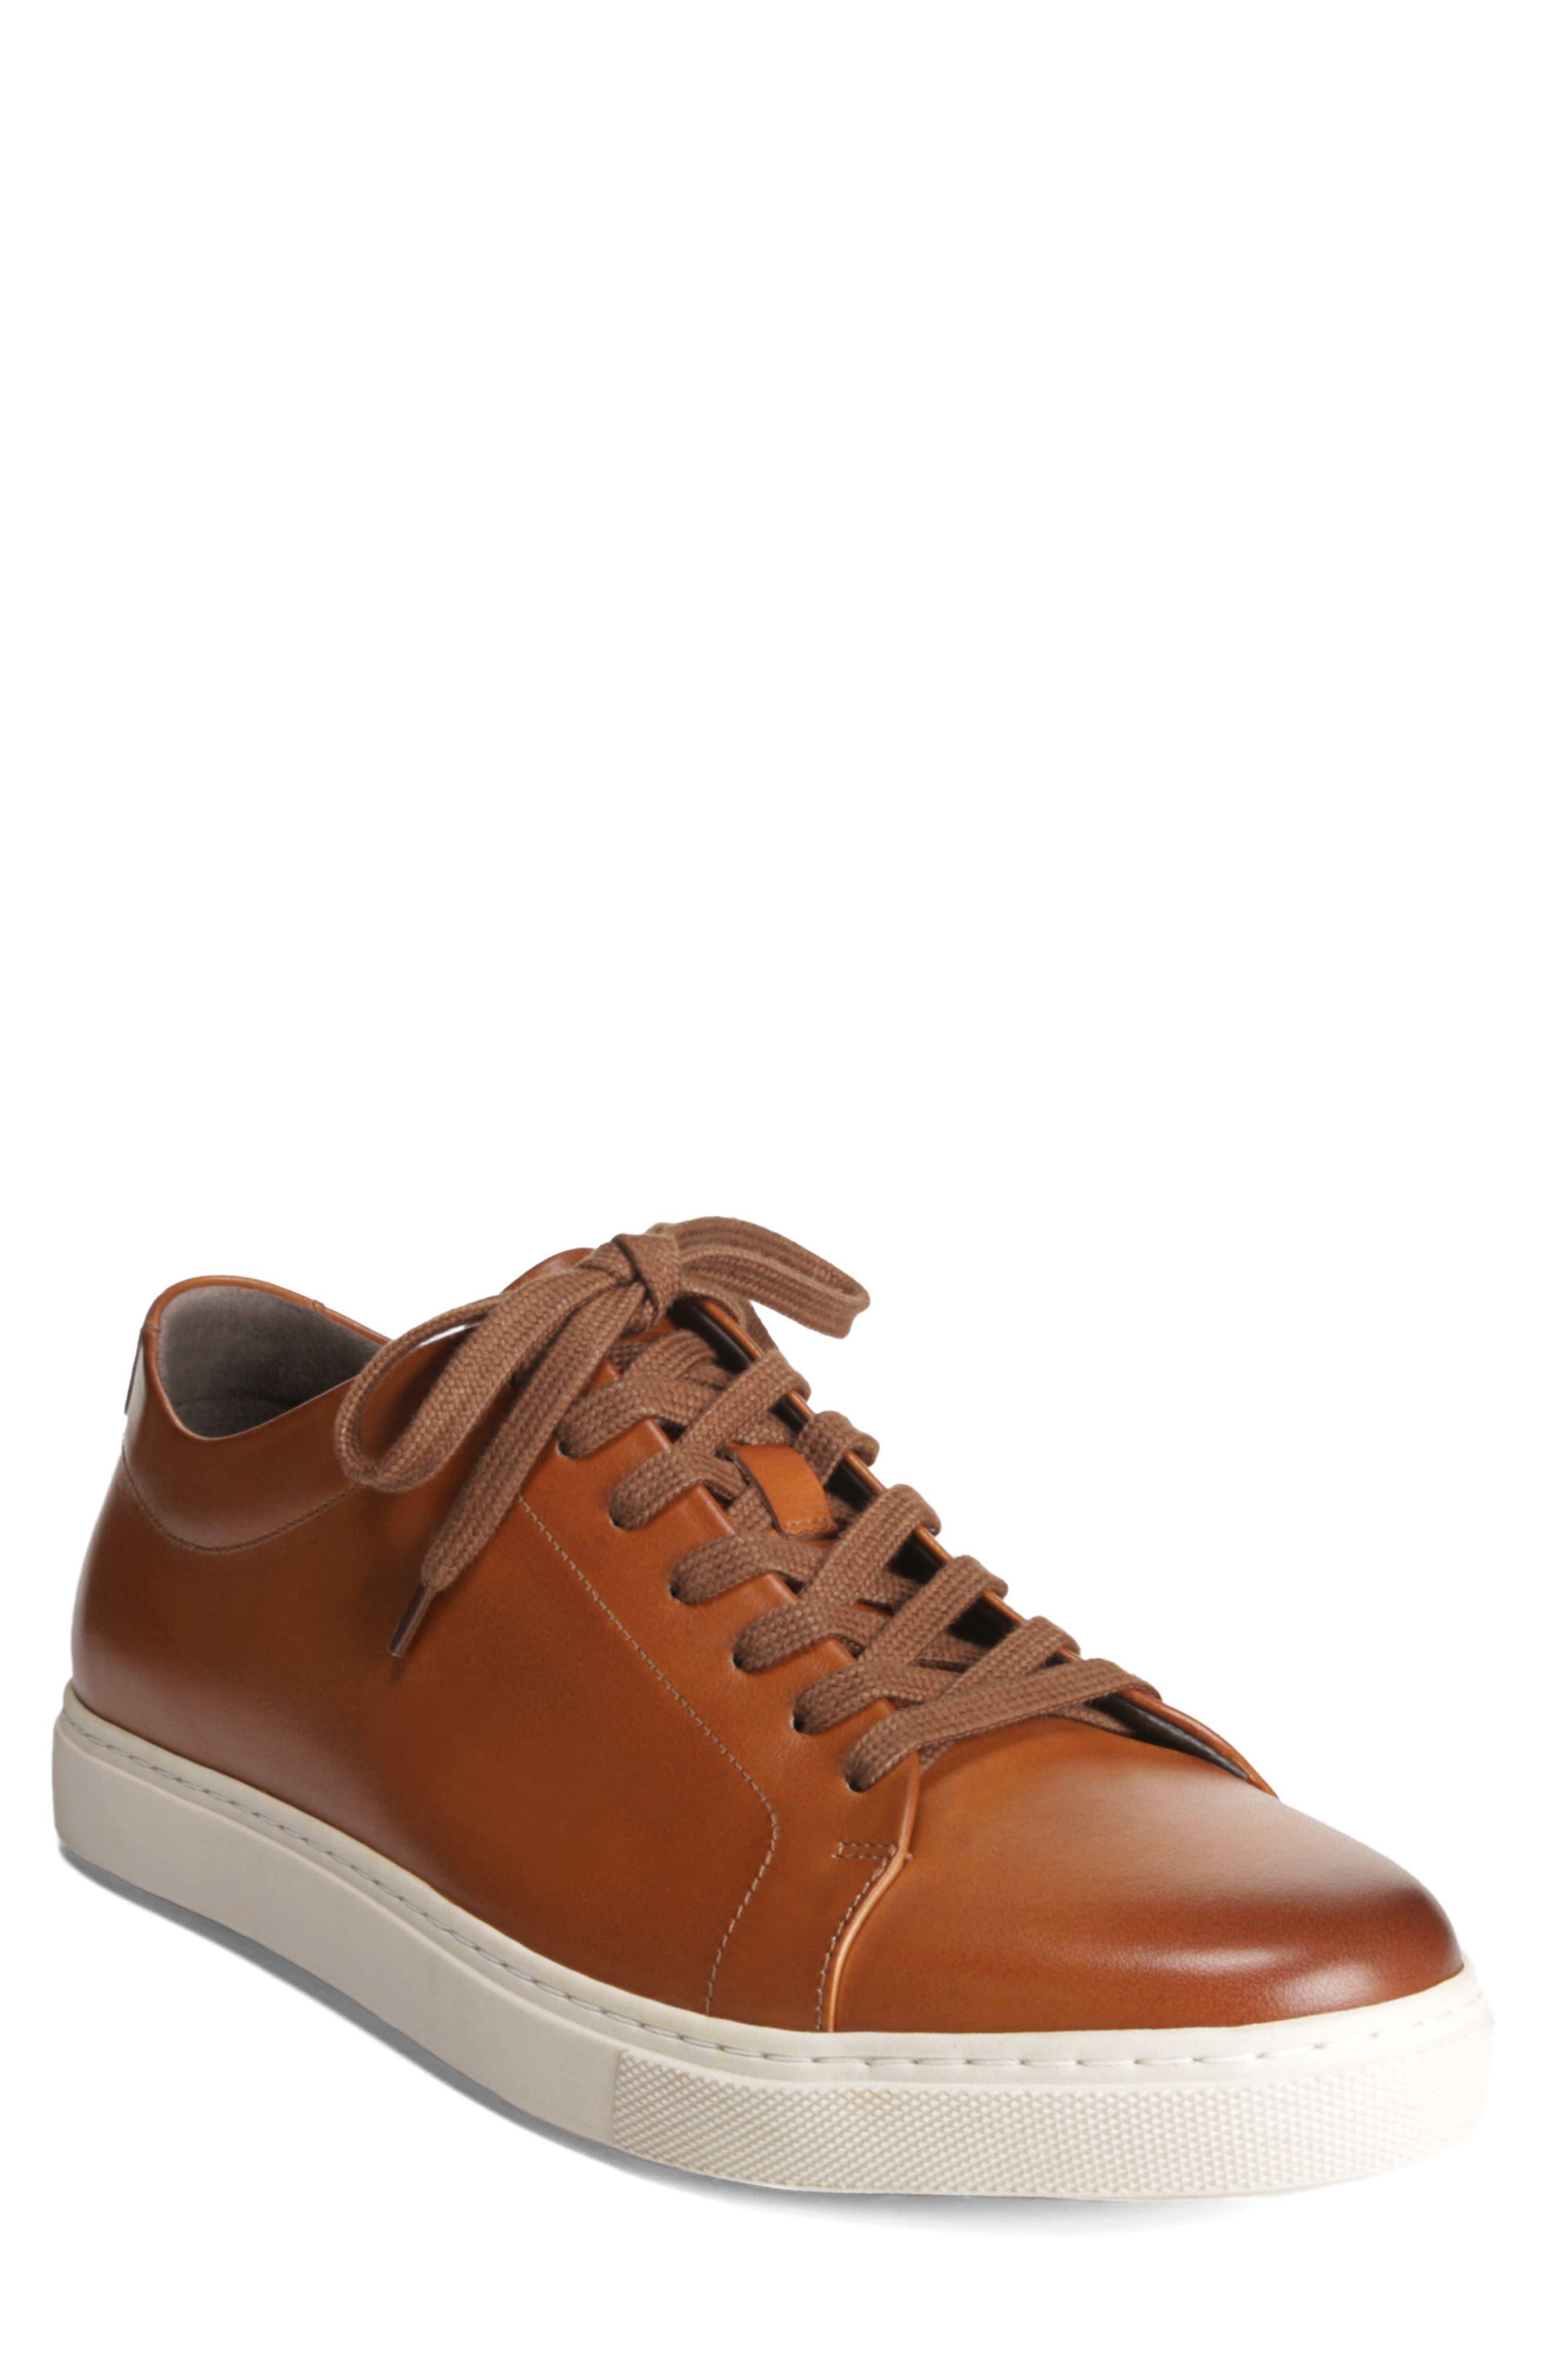 ALLEN EDMONDS, Canal Court Sneaker, Main thumbnail 1, color, 212